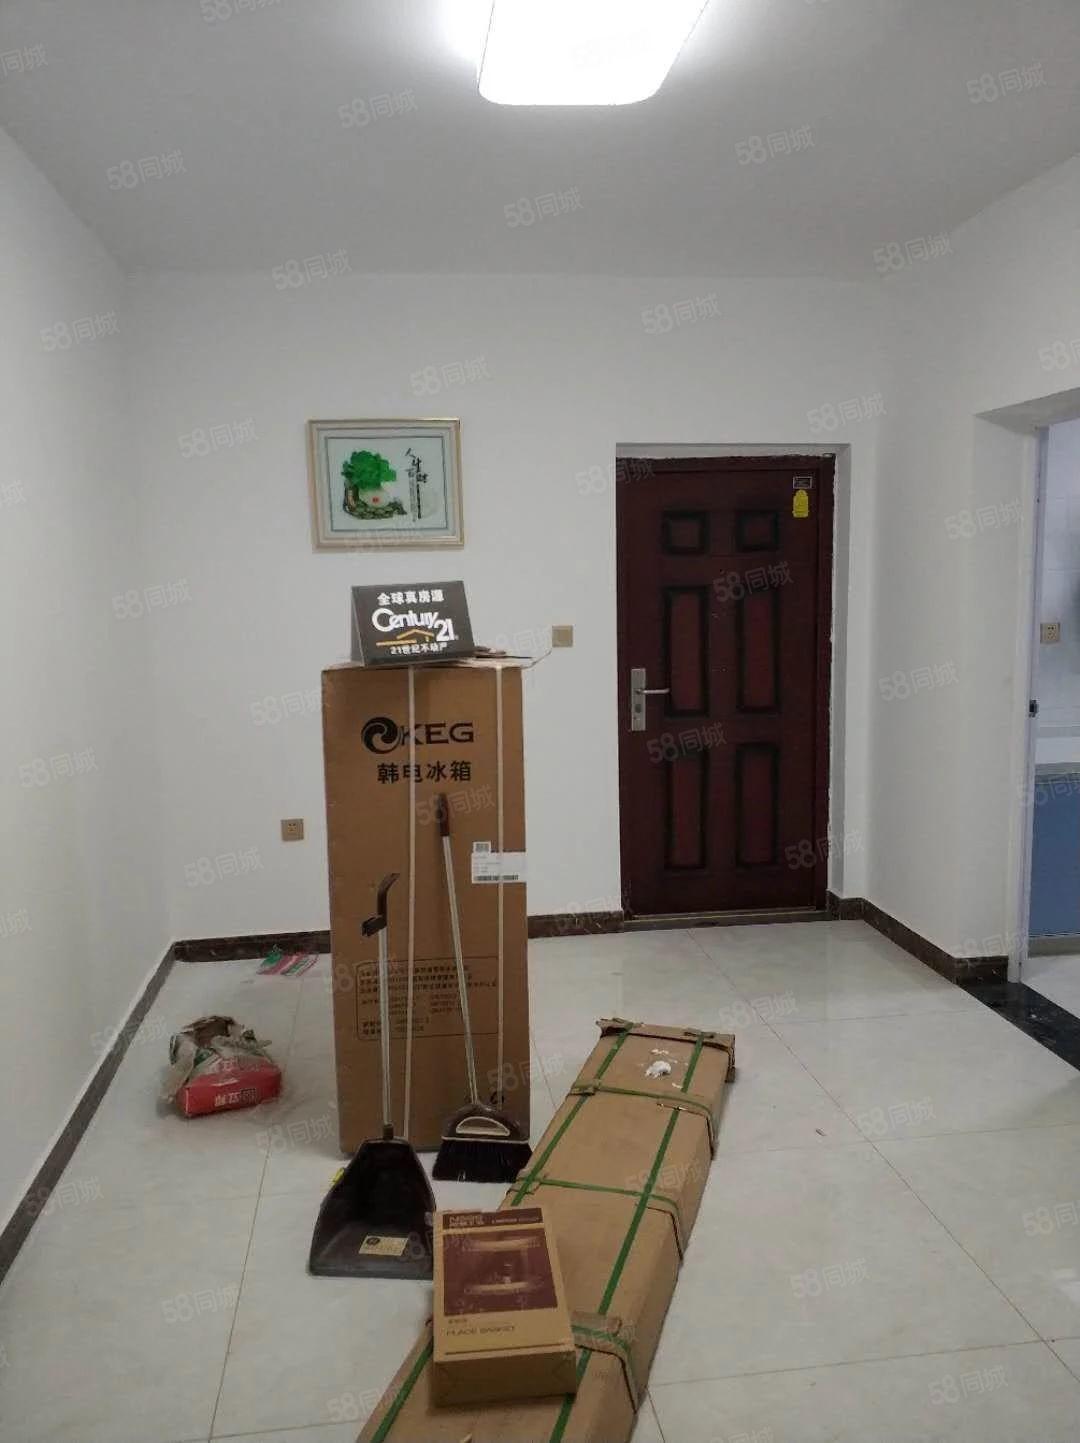 翡翠湾简装房出租家具家电都是新买的拎包即住